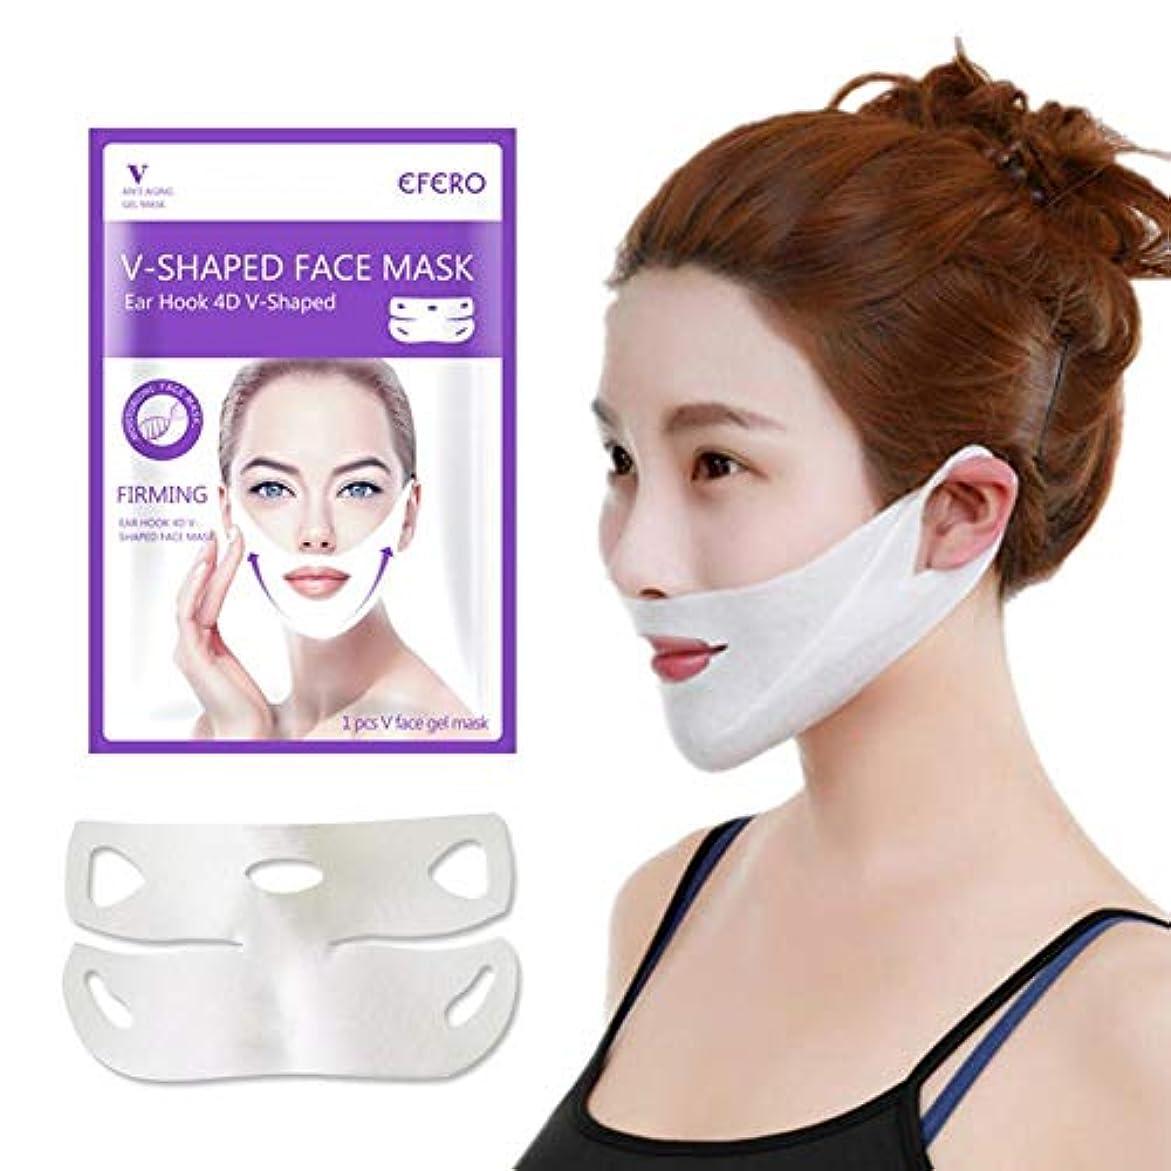 安全性薬私達SILUN 小顔マスク Vラインマスク リフティングファー ミングモイスチャライジングフェイスマスク ネックタイトフェイスフェイス 美顔 男女兼用